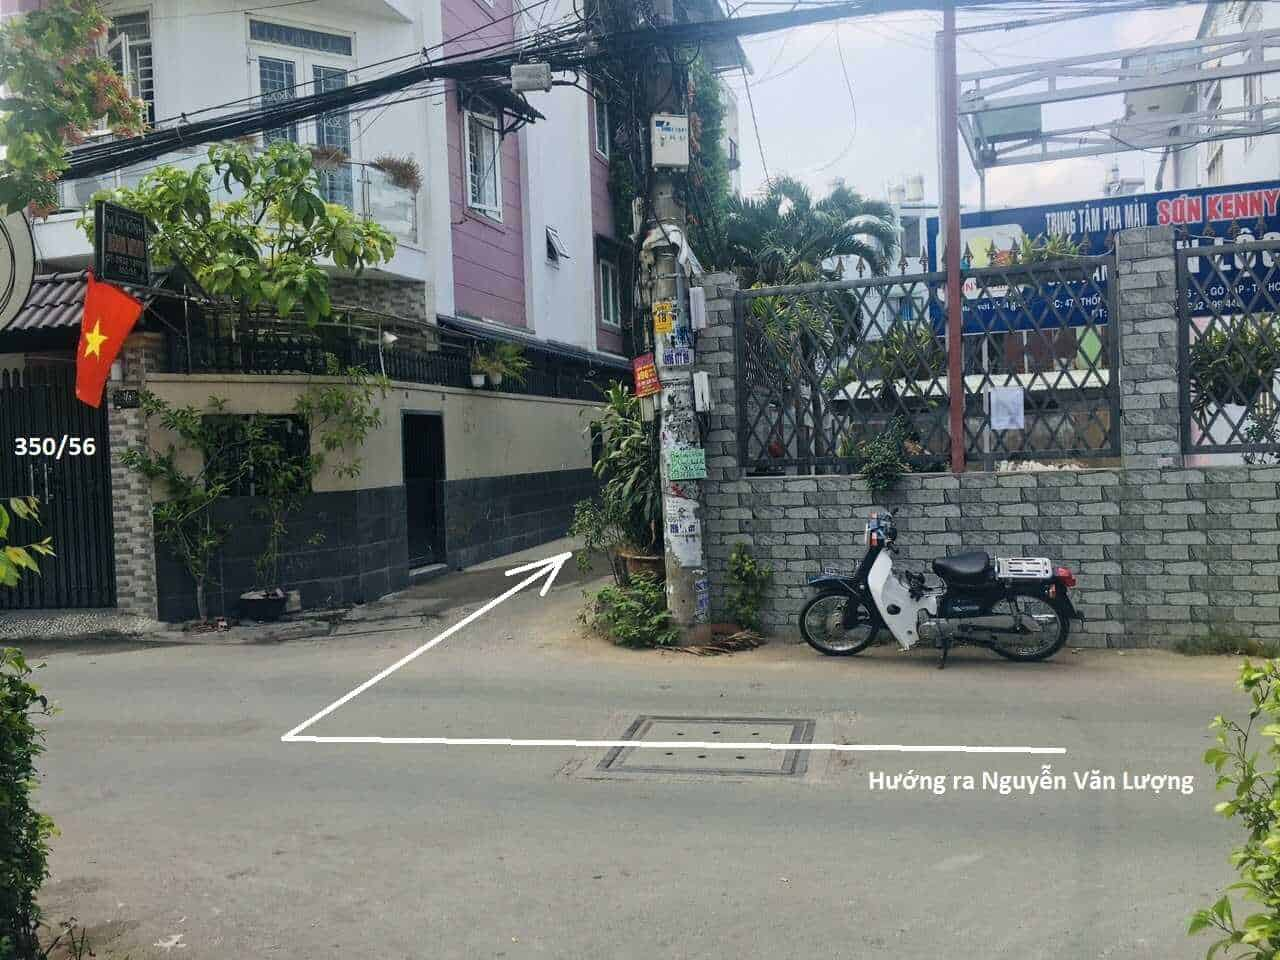 Bán lô đất đường Nguyễn Văn Lượng, phường 16, quận Gò Vấp